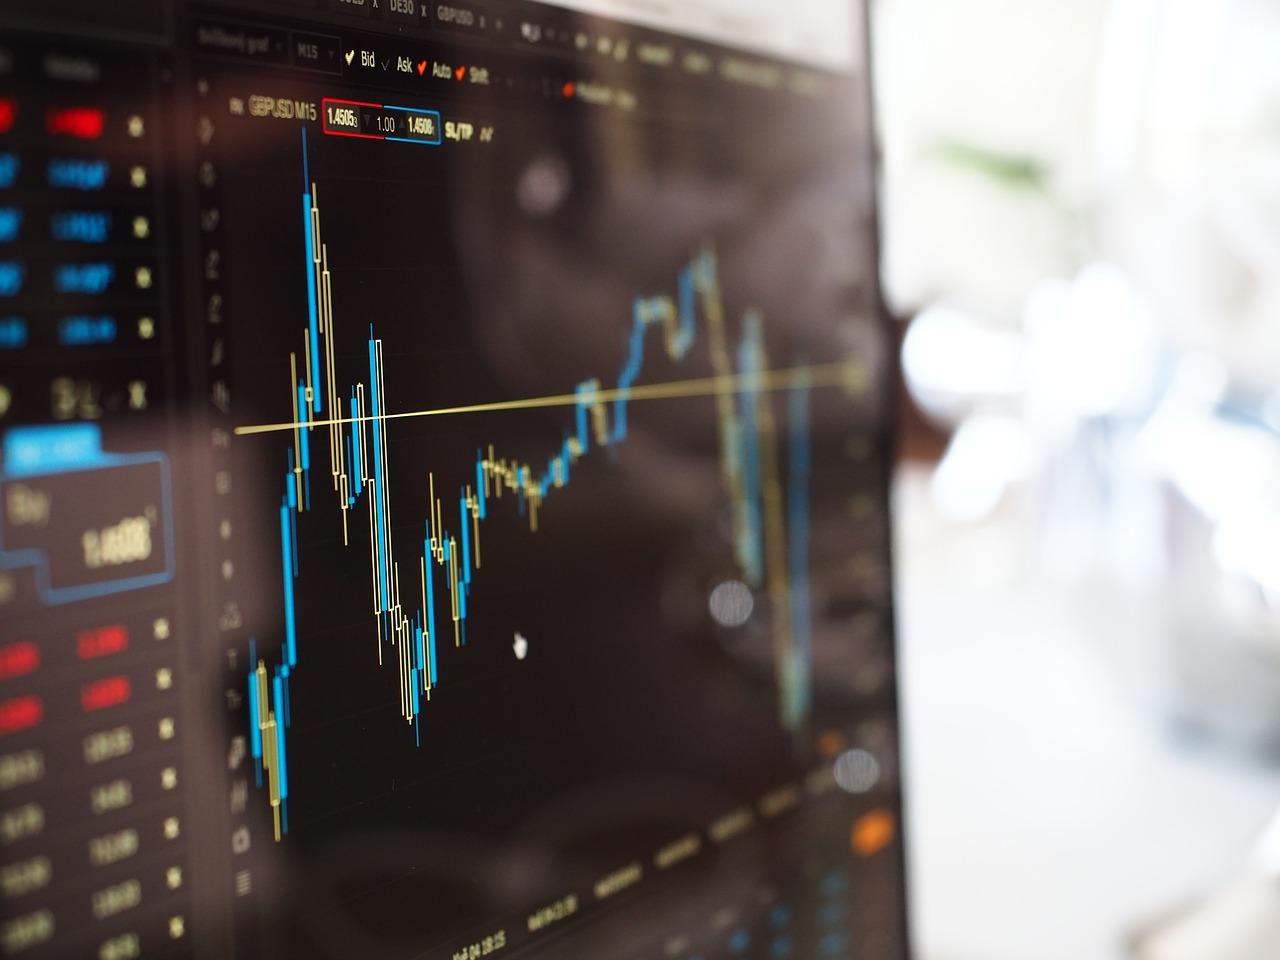 Ökostrompreise können sich nicht an der Börse orientieren 3